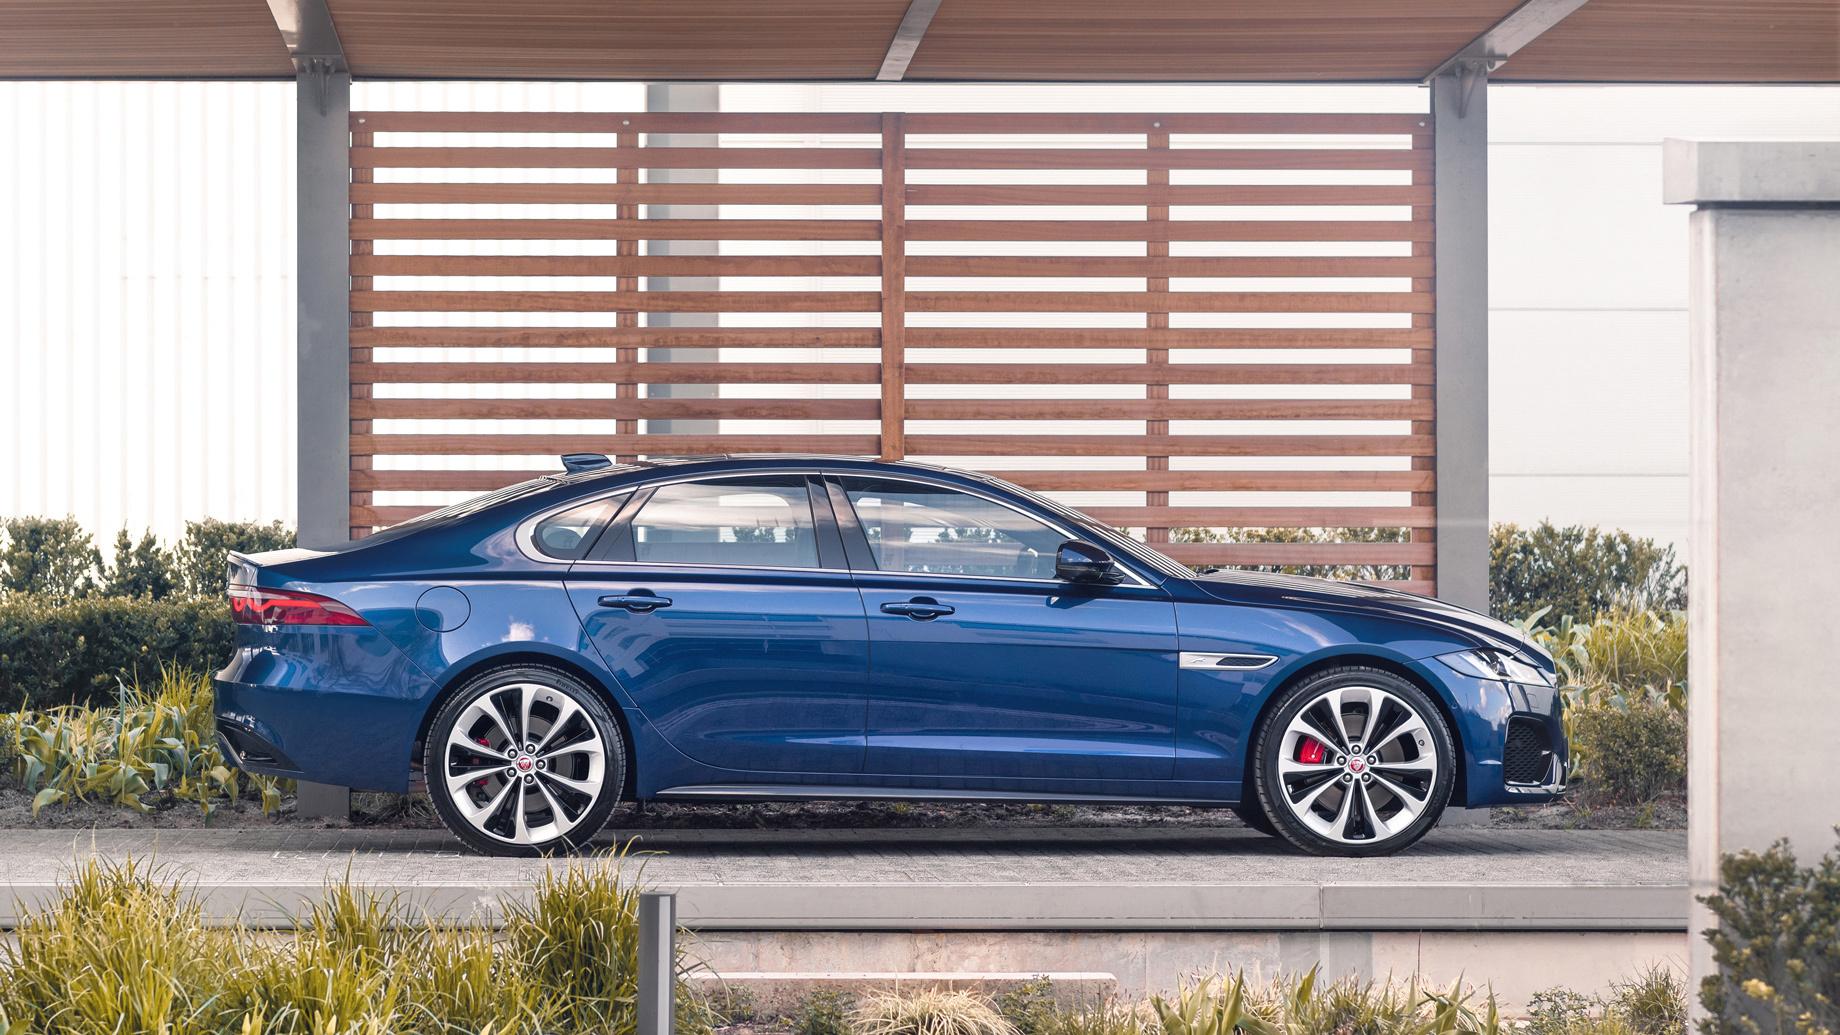 Седан Jaguar XF обновился почти повсем фронтам